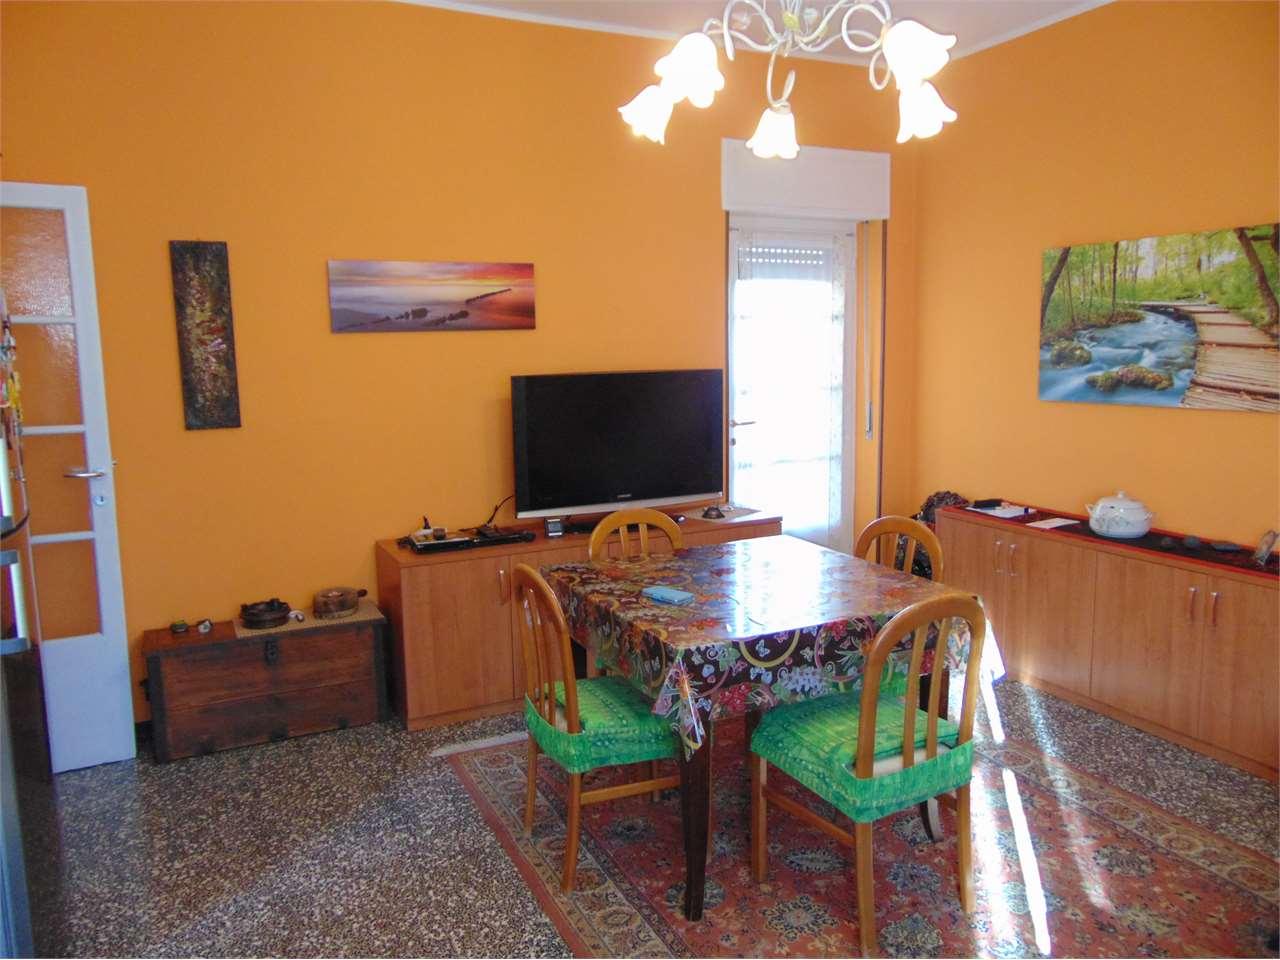 Appartamento in vendita a Varese, 3 locali, zona Località: Valle Olona, prezzo € 108.000 | CambioCasa.it